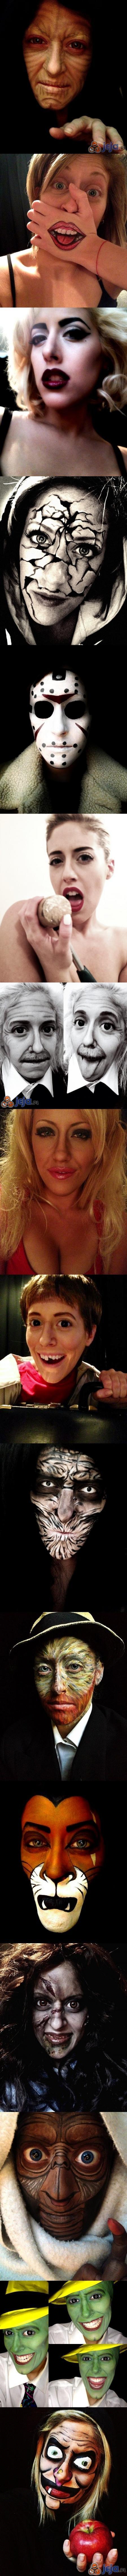 Szalone transformacje kosmetyczne